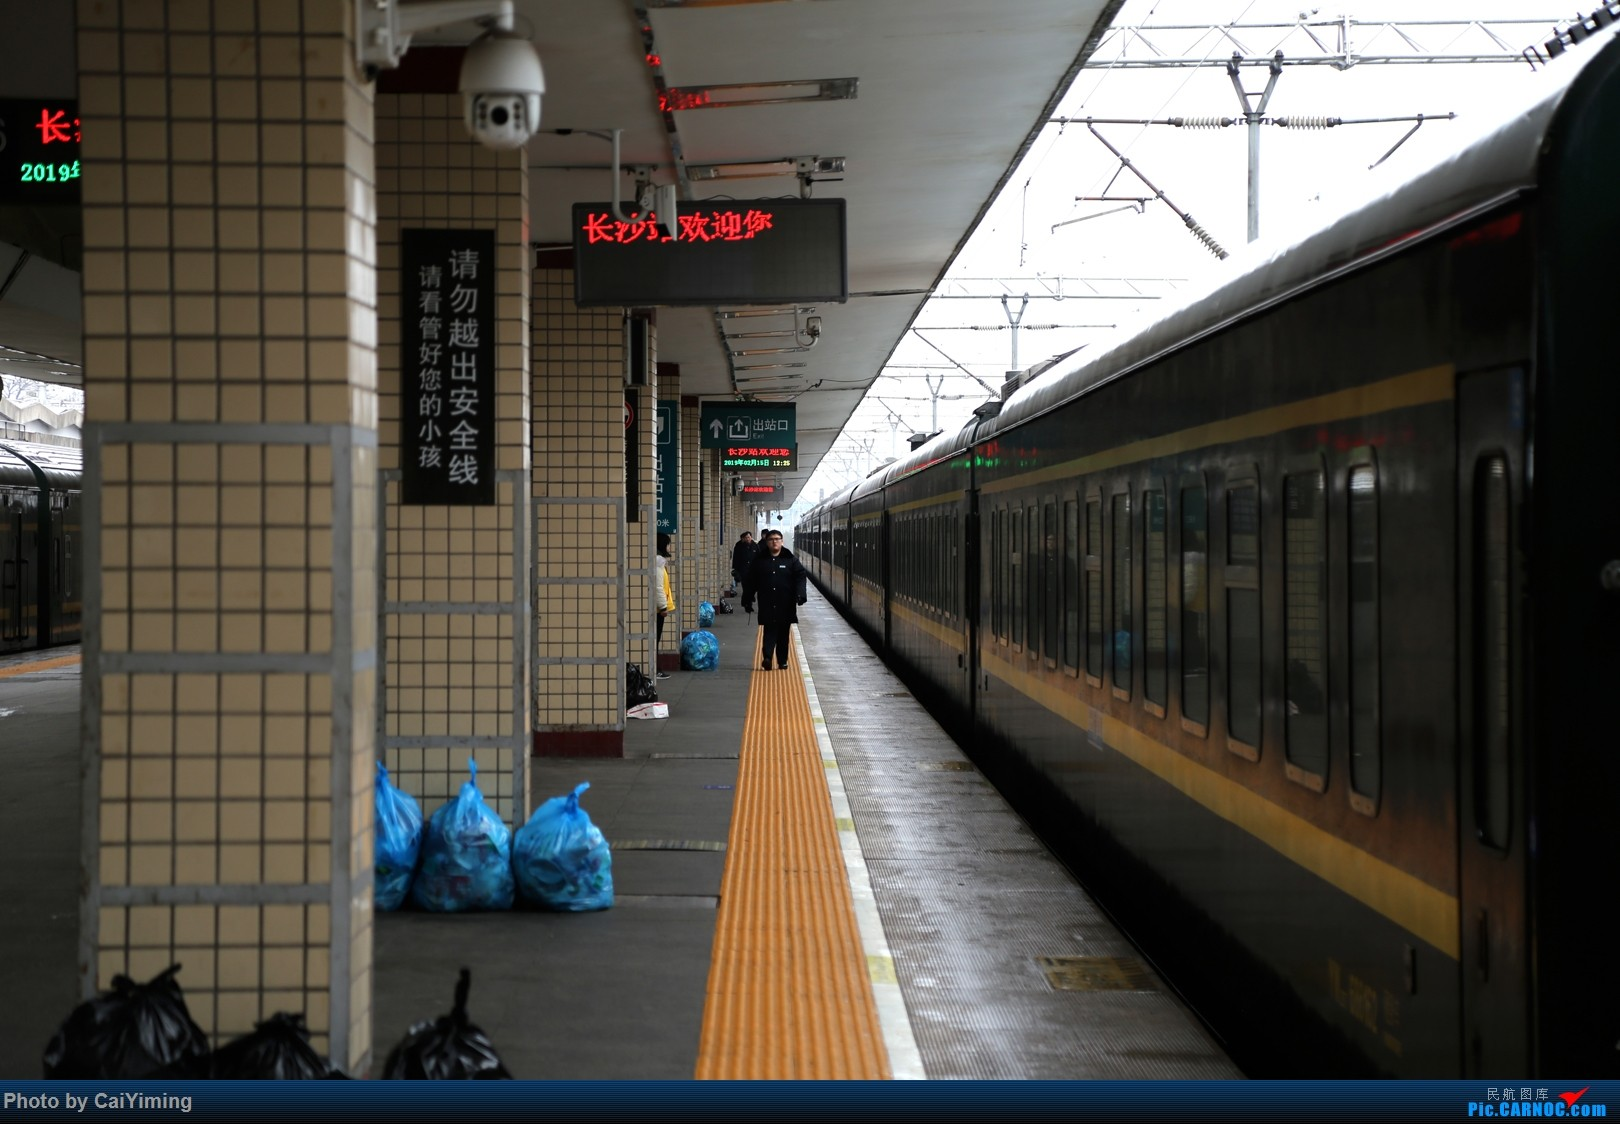 Re:[原创]【人在旅途】成都-浦东-虹桥-西安-南通-成都(3U+MU空客A359体验)